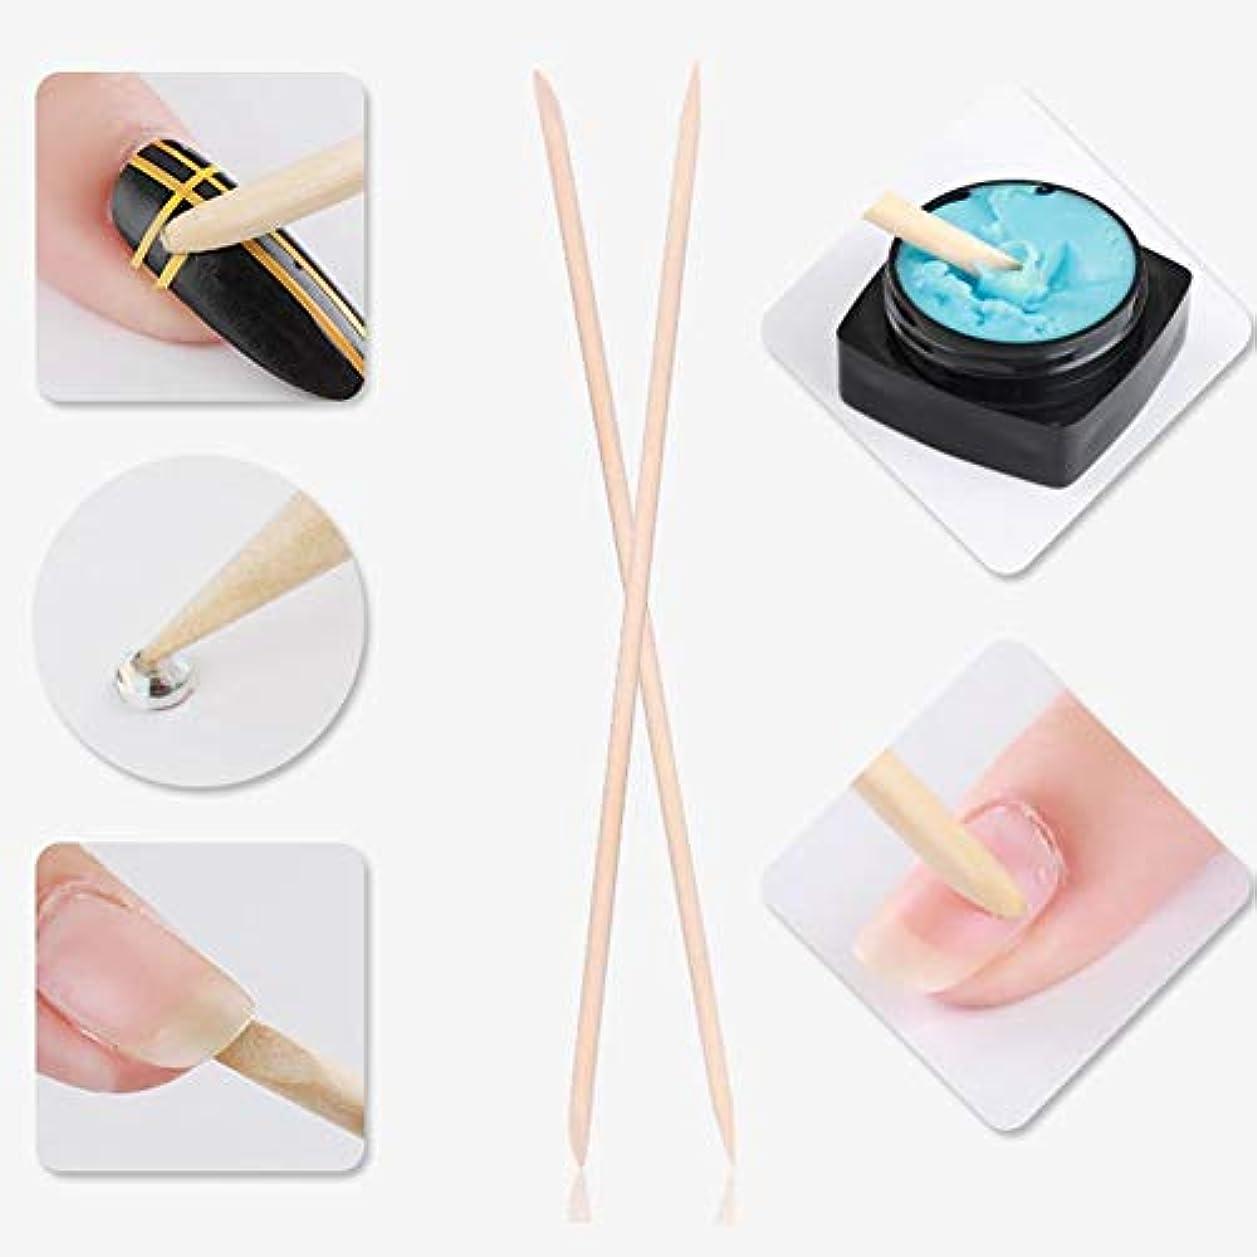 デモンストレーション頑張る音声マニキュアペディキュア ネイルアートペイントパターン用 5本 ネイルキューティクルは木製スティック、ネイルキューティクルプッシャーを取り外します(1)